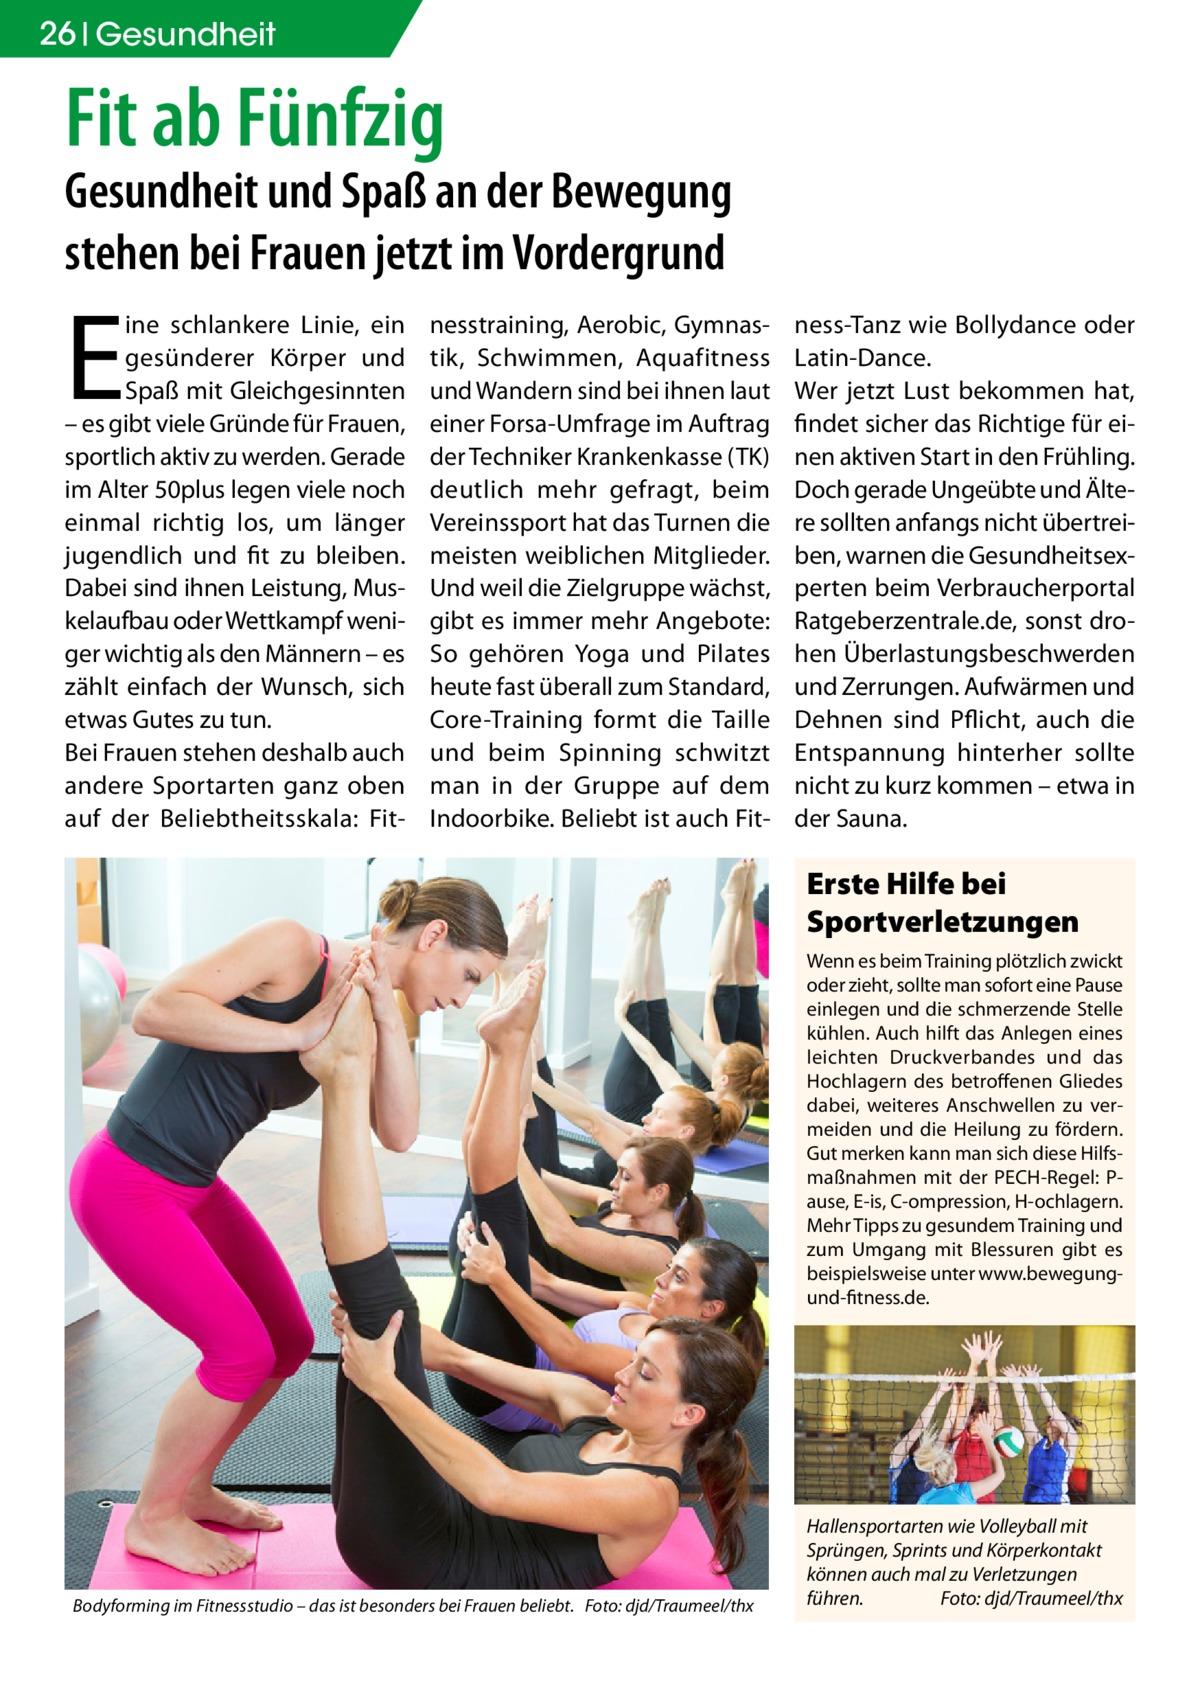 26 Gesundheit  Fit ab Fünfzig  Gesundheit und Spaß an der Bewegung stehen bei Frauen jetzt im Vordergrund  E  ine schlankere Linie, ein gesünderer Körper und Spaß mit Gleichgesinnten – es gibt viele Gründe für Frauen, sportlich aktiv zu werden. Gerade im Alter 50plus legen viele noch einmal richtig los, um länger jugendlich und fit zu bleiben. Dabei sind ihnen Leistung, Muskelaufbau oder Wettkampf weniger wichtig als den Männern – es zählt einfach der Wunsch, sich etwas Gutes zu tun. Bei Frauen stehen deshalb auch andere Sportarten ganz oben auf der Beliebtheitsskala: Fit nesstraining, Aerobic, Gymnastik, Schwimmen, Aquafitness und Wandern sind bei ihnen laut einer Forsa-Umfrage im Auftrag der Techniker Krankenkasse (TK) deutlich mehr gefragt, beim Vereinssport hat das Turnen die meisten weiblichen Mitglieder. Und weil die Zielgruppe wächst, gibt es immer mehr Angebote: So gehören Yoga und Pilates heute fast überall zum Standard, Core-Training formt die Taille und beim Spinning schwitzt man in der Gruppe auf dem Indoorbike. Beliebt ist auch Fit ness-Tanz wie Bollydance oder Latin-Dance. Wer jetzt Lust bekommen hat, findet sicher das Richtige für einen aktiven Start in den Frühling. Doch gerade Ungeübte und Ältere sollten anfangs nicht übertreiben, warnen die Gesundheitsexperten beim Verbraucherportal Ratgeberzentrale.de, sonst drohen Überlastungsbeschwerden und Zerrungen. Aufwärmen und Dehnen sind Pflicht, auch die Entspannung hinterher sollte nicht zu kurz kommen – etwa in der Sauna.  Erste Hilfe bei Sportverletzungen Wenn es beim Training plötzlich zwickt oder zieht, sollte man sofort eine Pause einlegen und die schmerzende Stelle kühlen. Auch hilft das Anlegen eines leichten Druckverbandes und das Hochlagern des betroffenen Gliedes dabei, weiteres Anschwellen zu vermeiden und die Heilung zu fördern. Gut merken kann man sich diese Hilfsmaßnahmen mit der PECH-Regel: Pause, E-is, C-ompression, H-ochlagern. Mehr Tipps zu gesundem Training und zum Umgang mit Blessuren